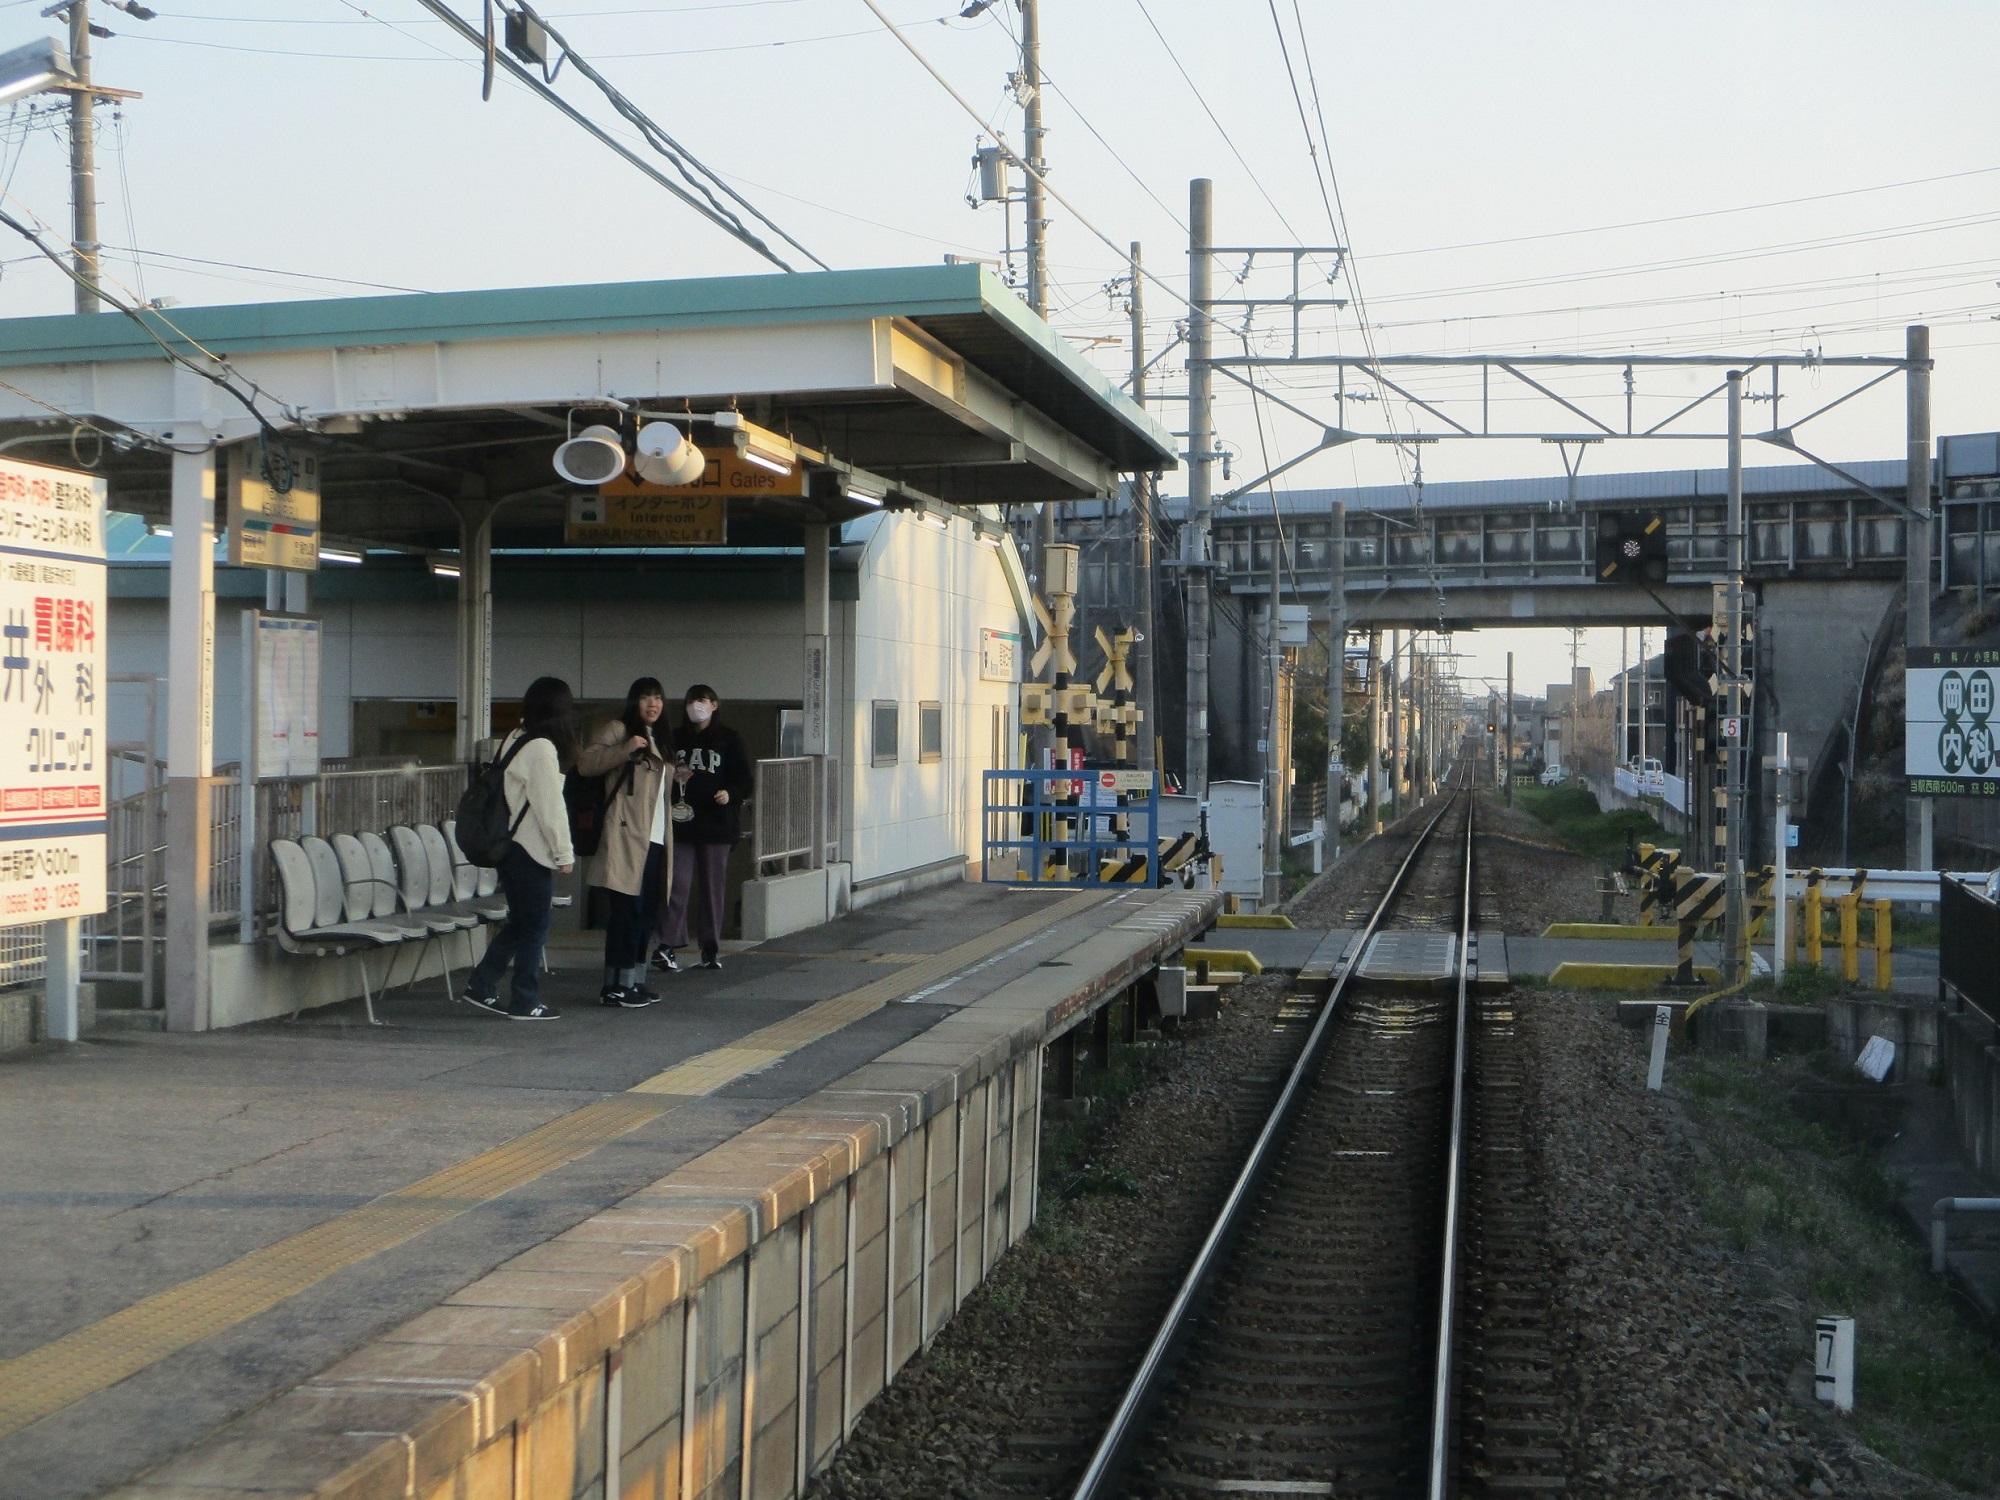 2020.3.17 (39) 西尾いきふつう - ふるい 2000-1500